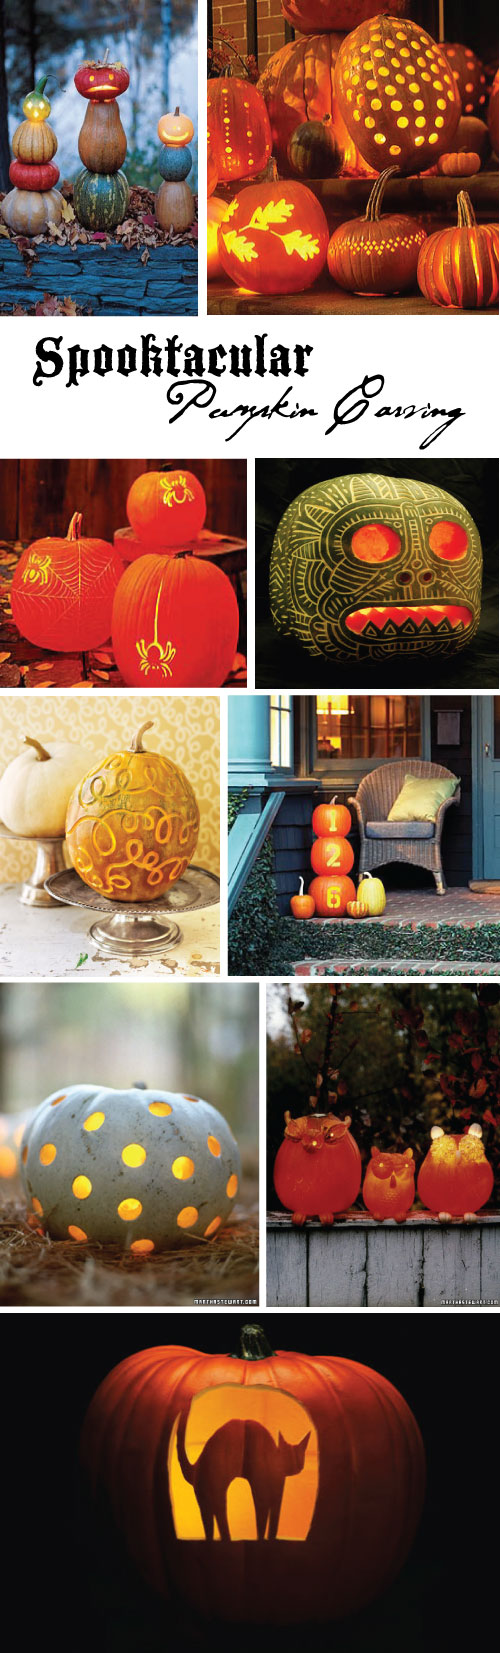 spooktacular_pumpkins